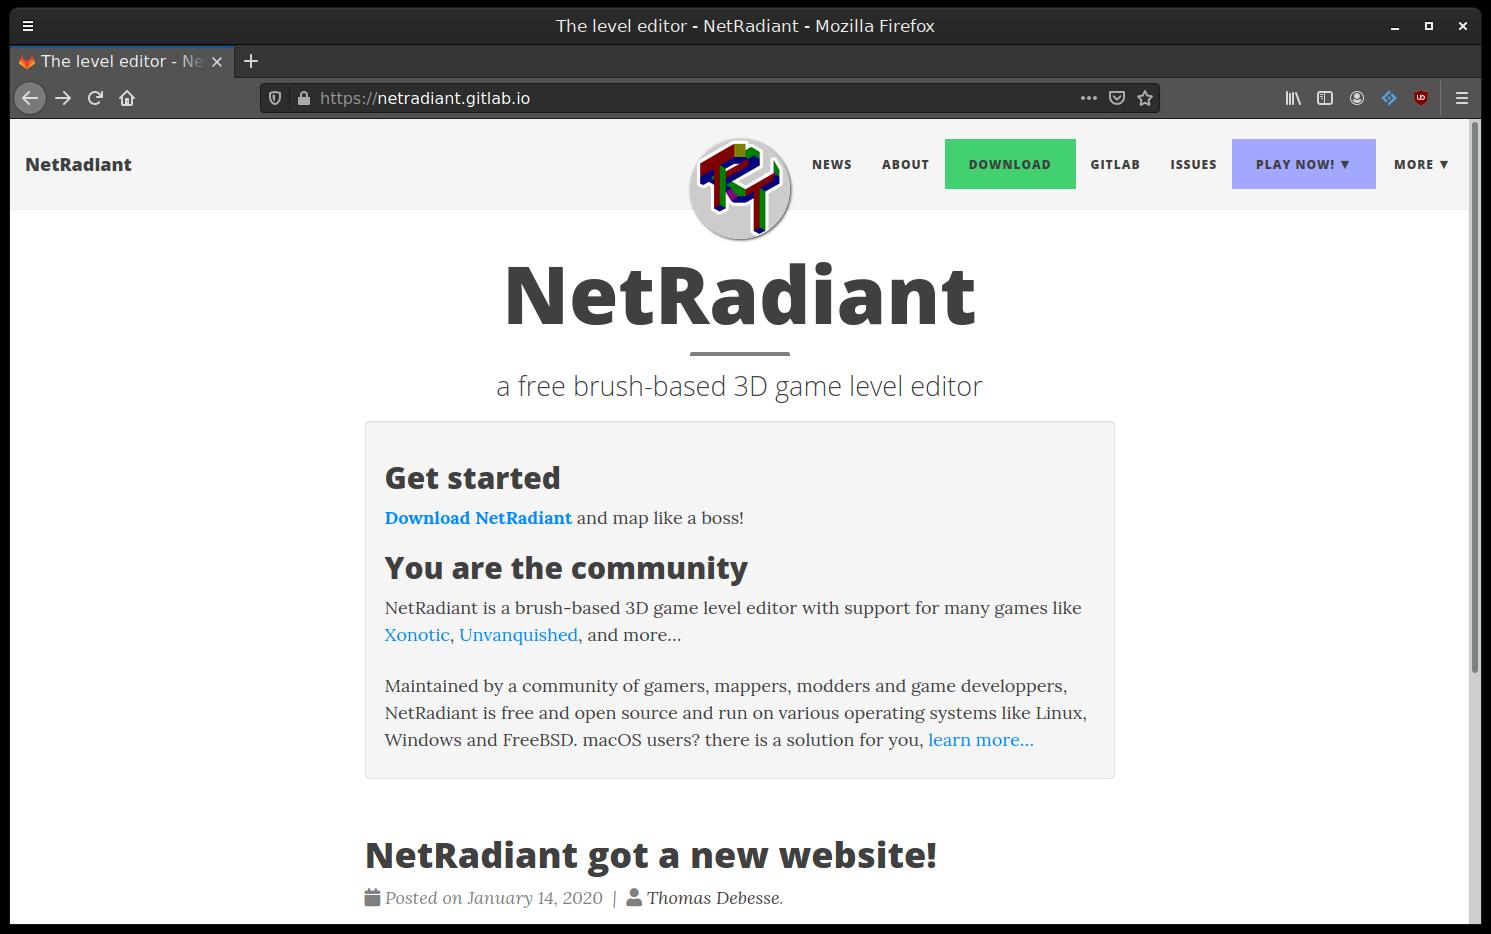 New NetRadiant website